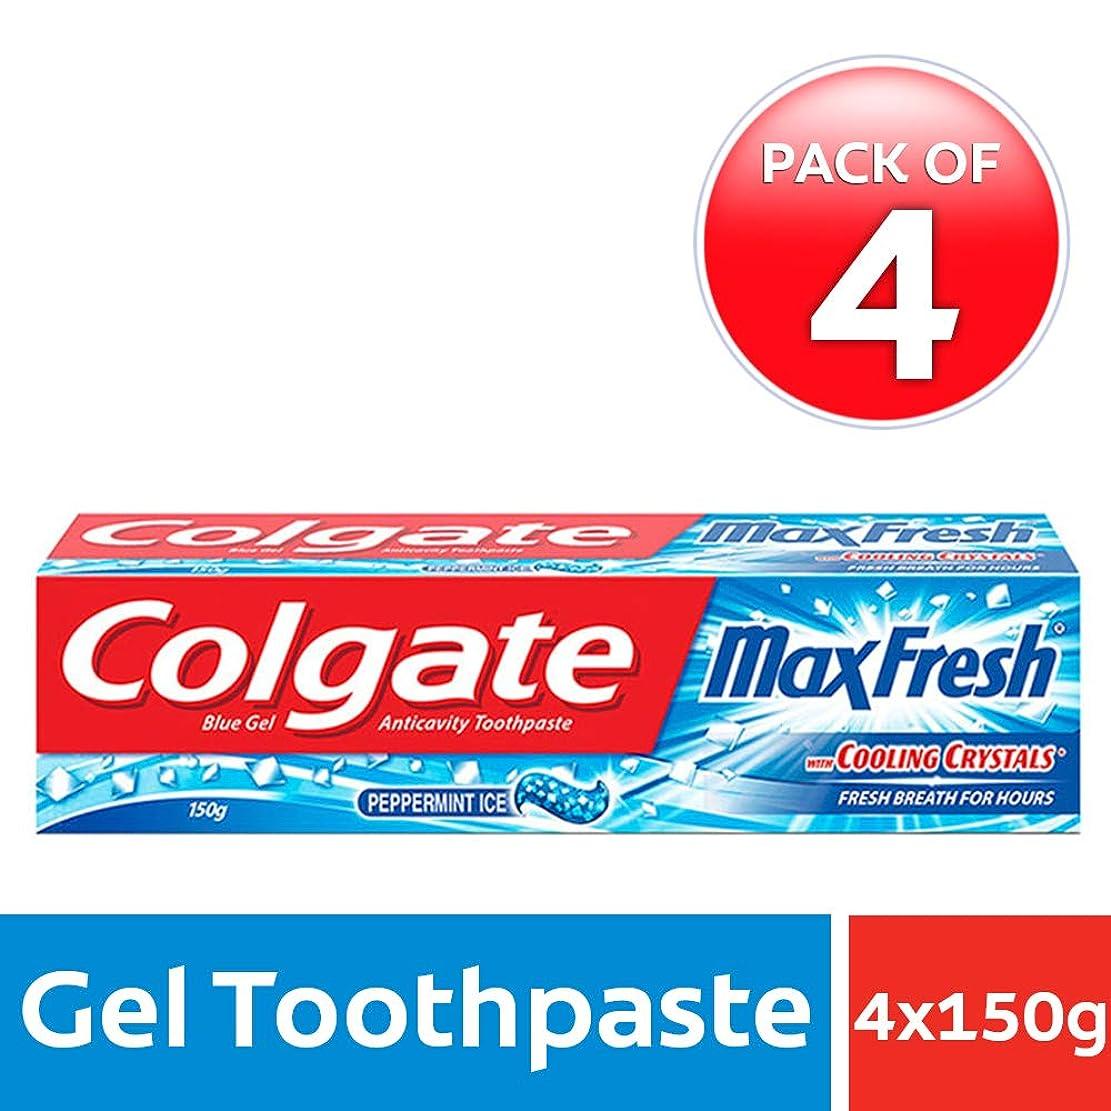 クレジット練習した憂慮すべきColgate Max Fresh Anti-Cavity Toothpaste, Peppermint Ice, 150gm (Pack of 4)